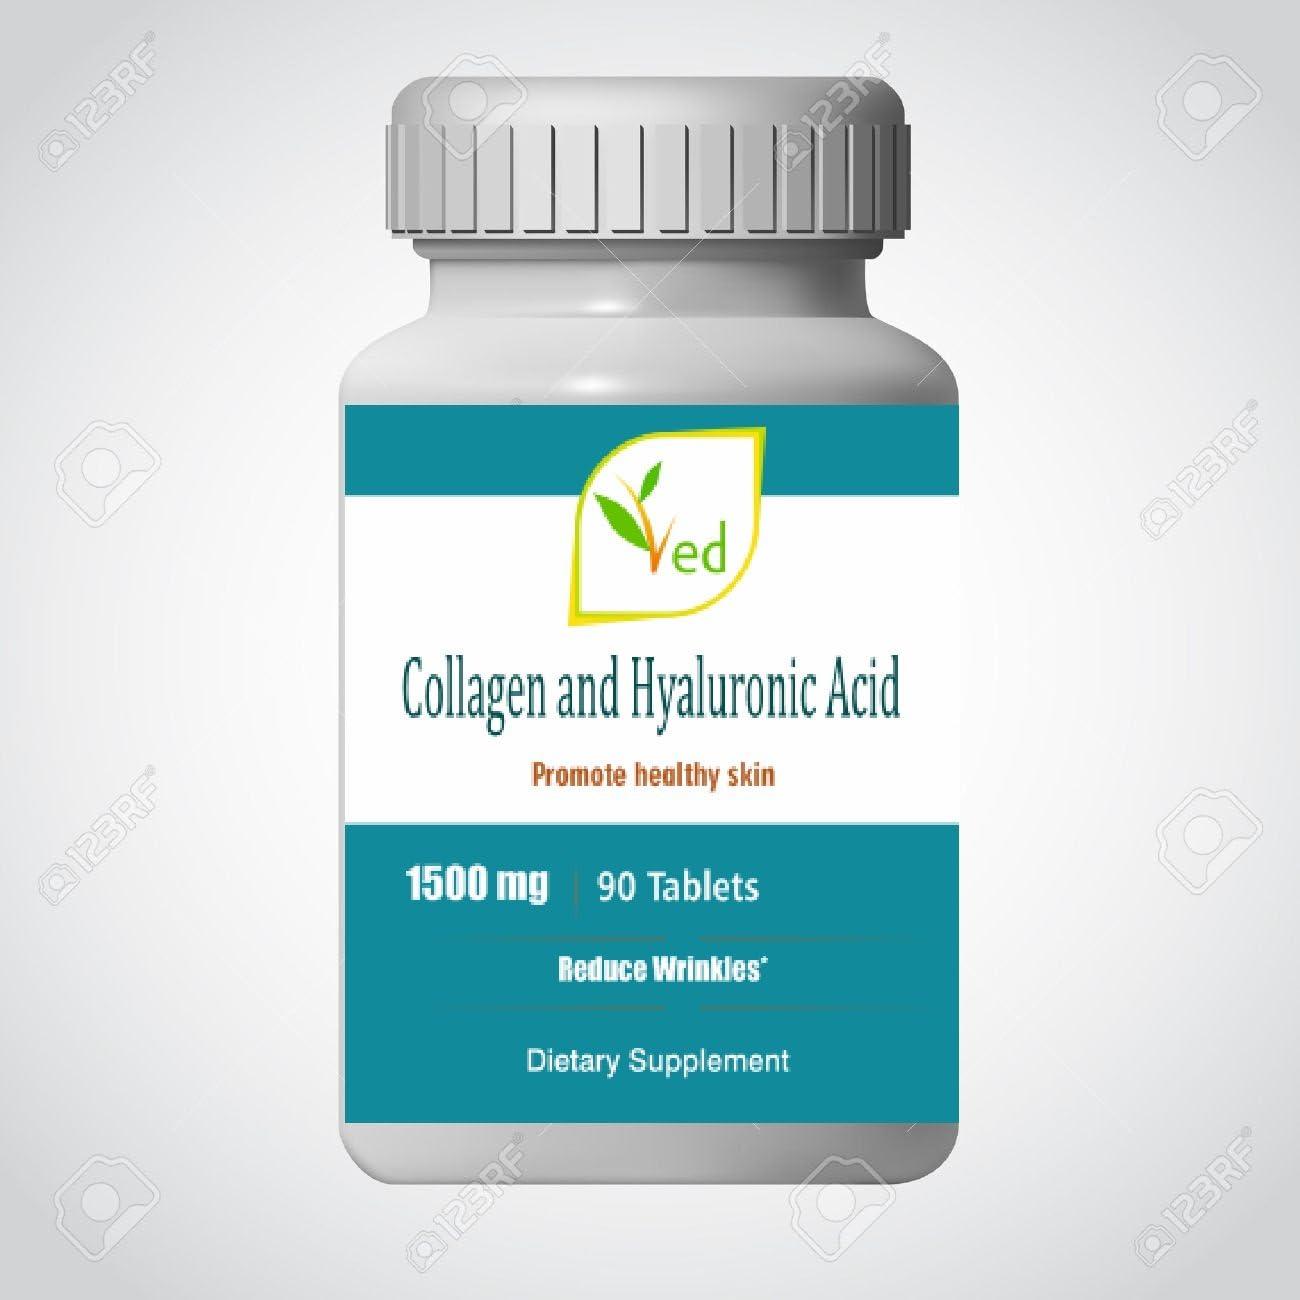 Suplemento dietético ultra puro | proteína de colágeno + ácido hialurónico | fortalecer articulaciones y huesos | suplemento de colágeno promueve una ...